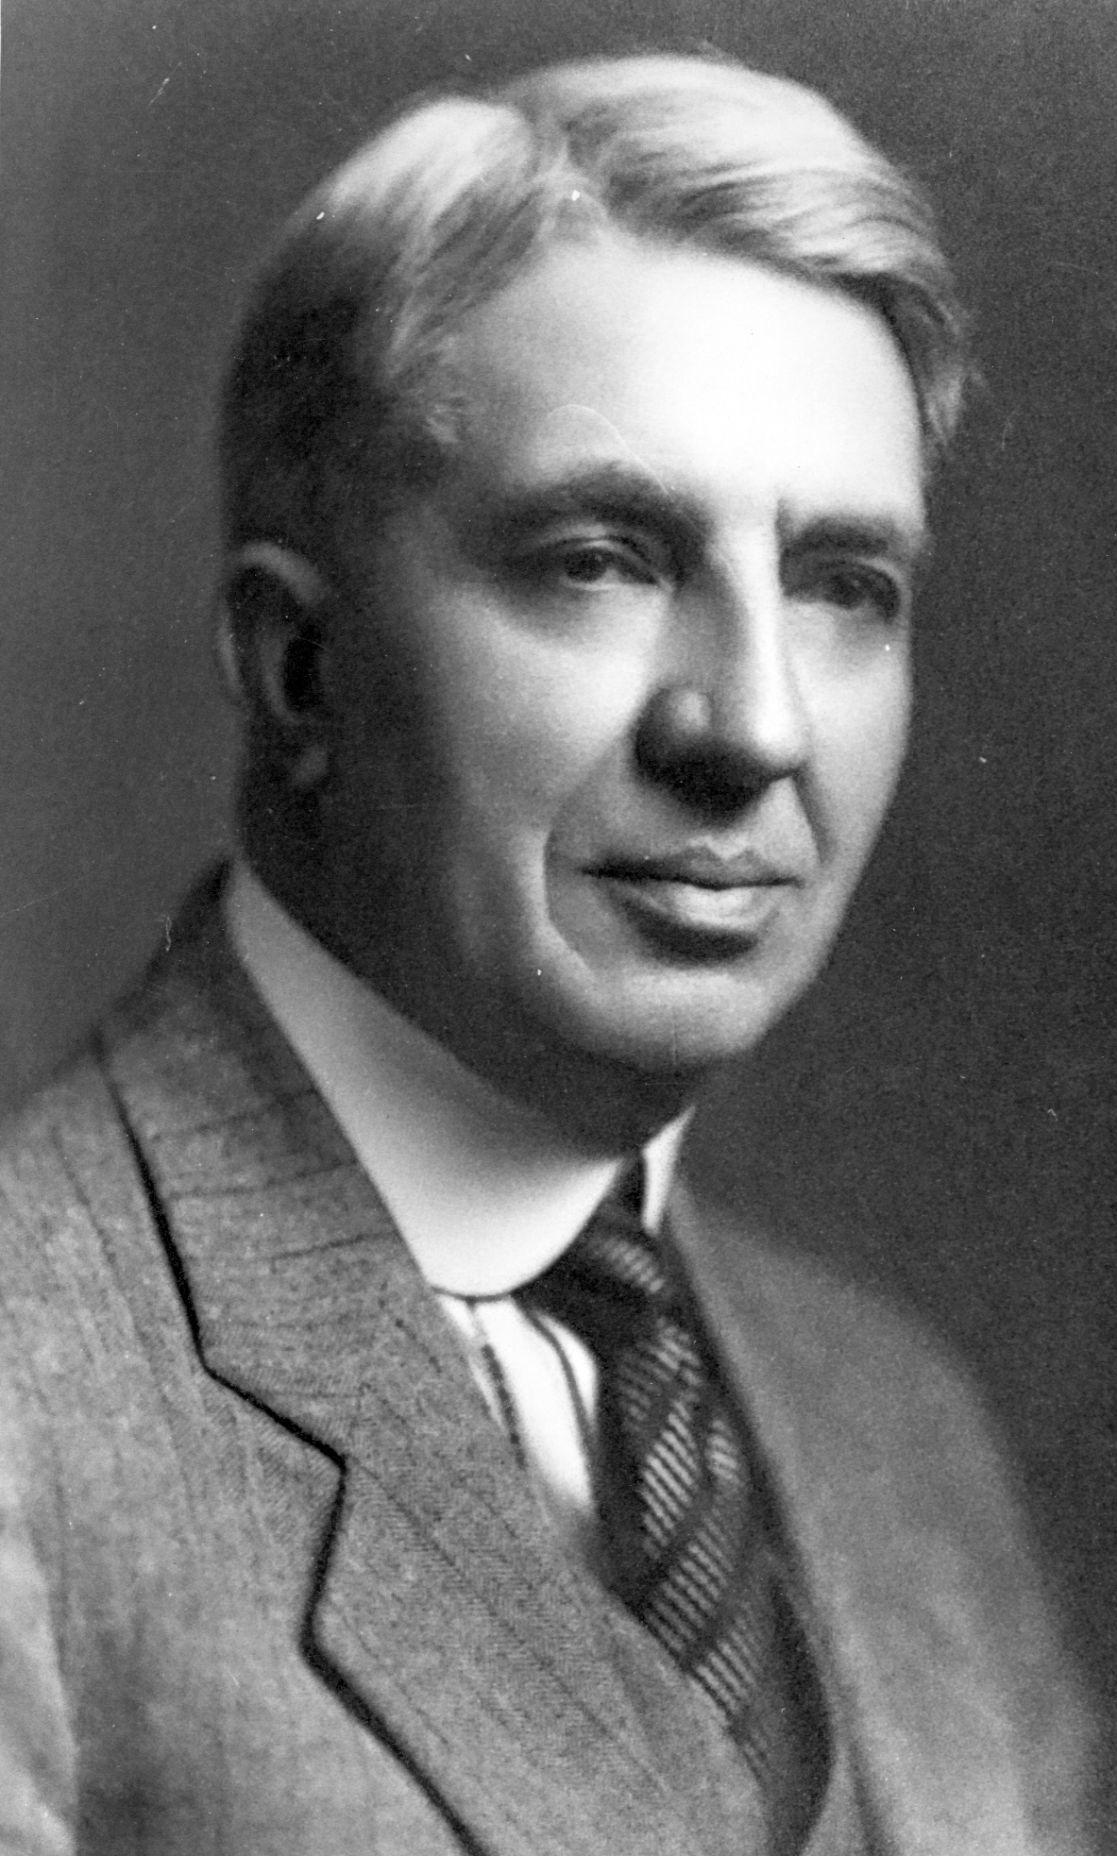 M.G. Clark